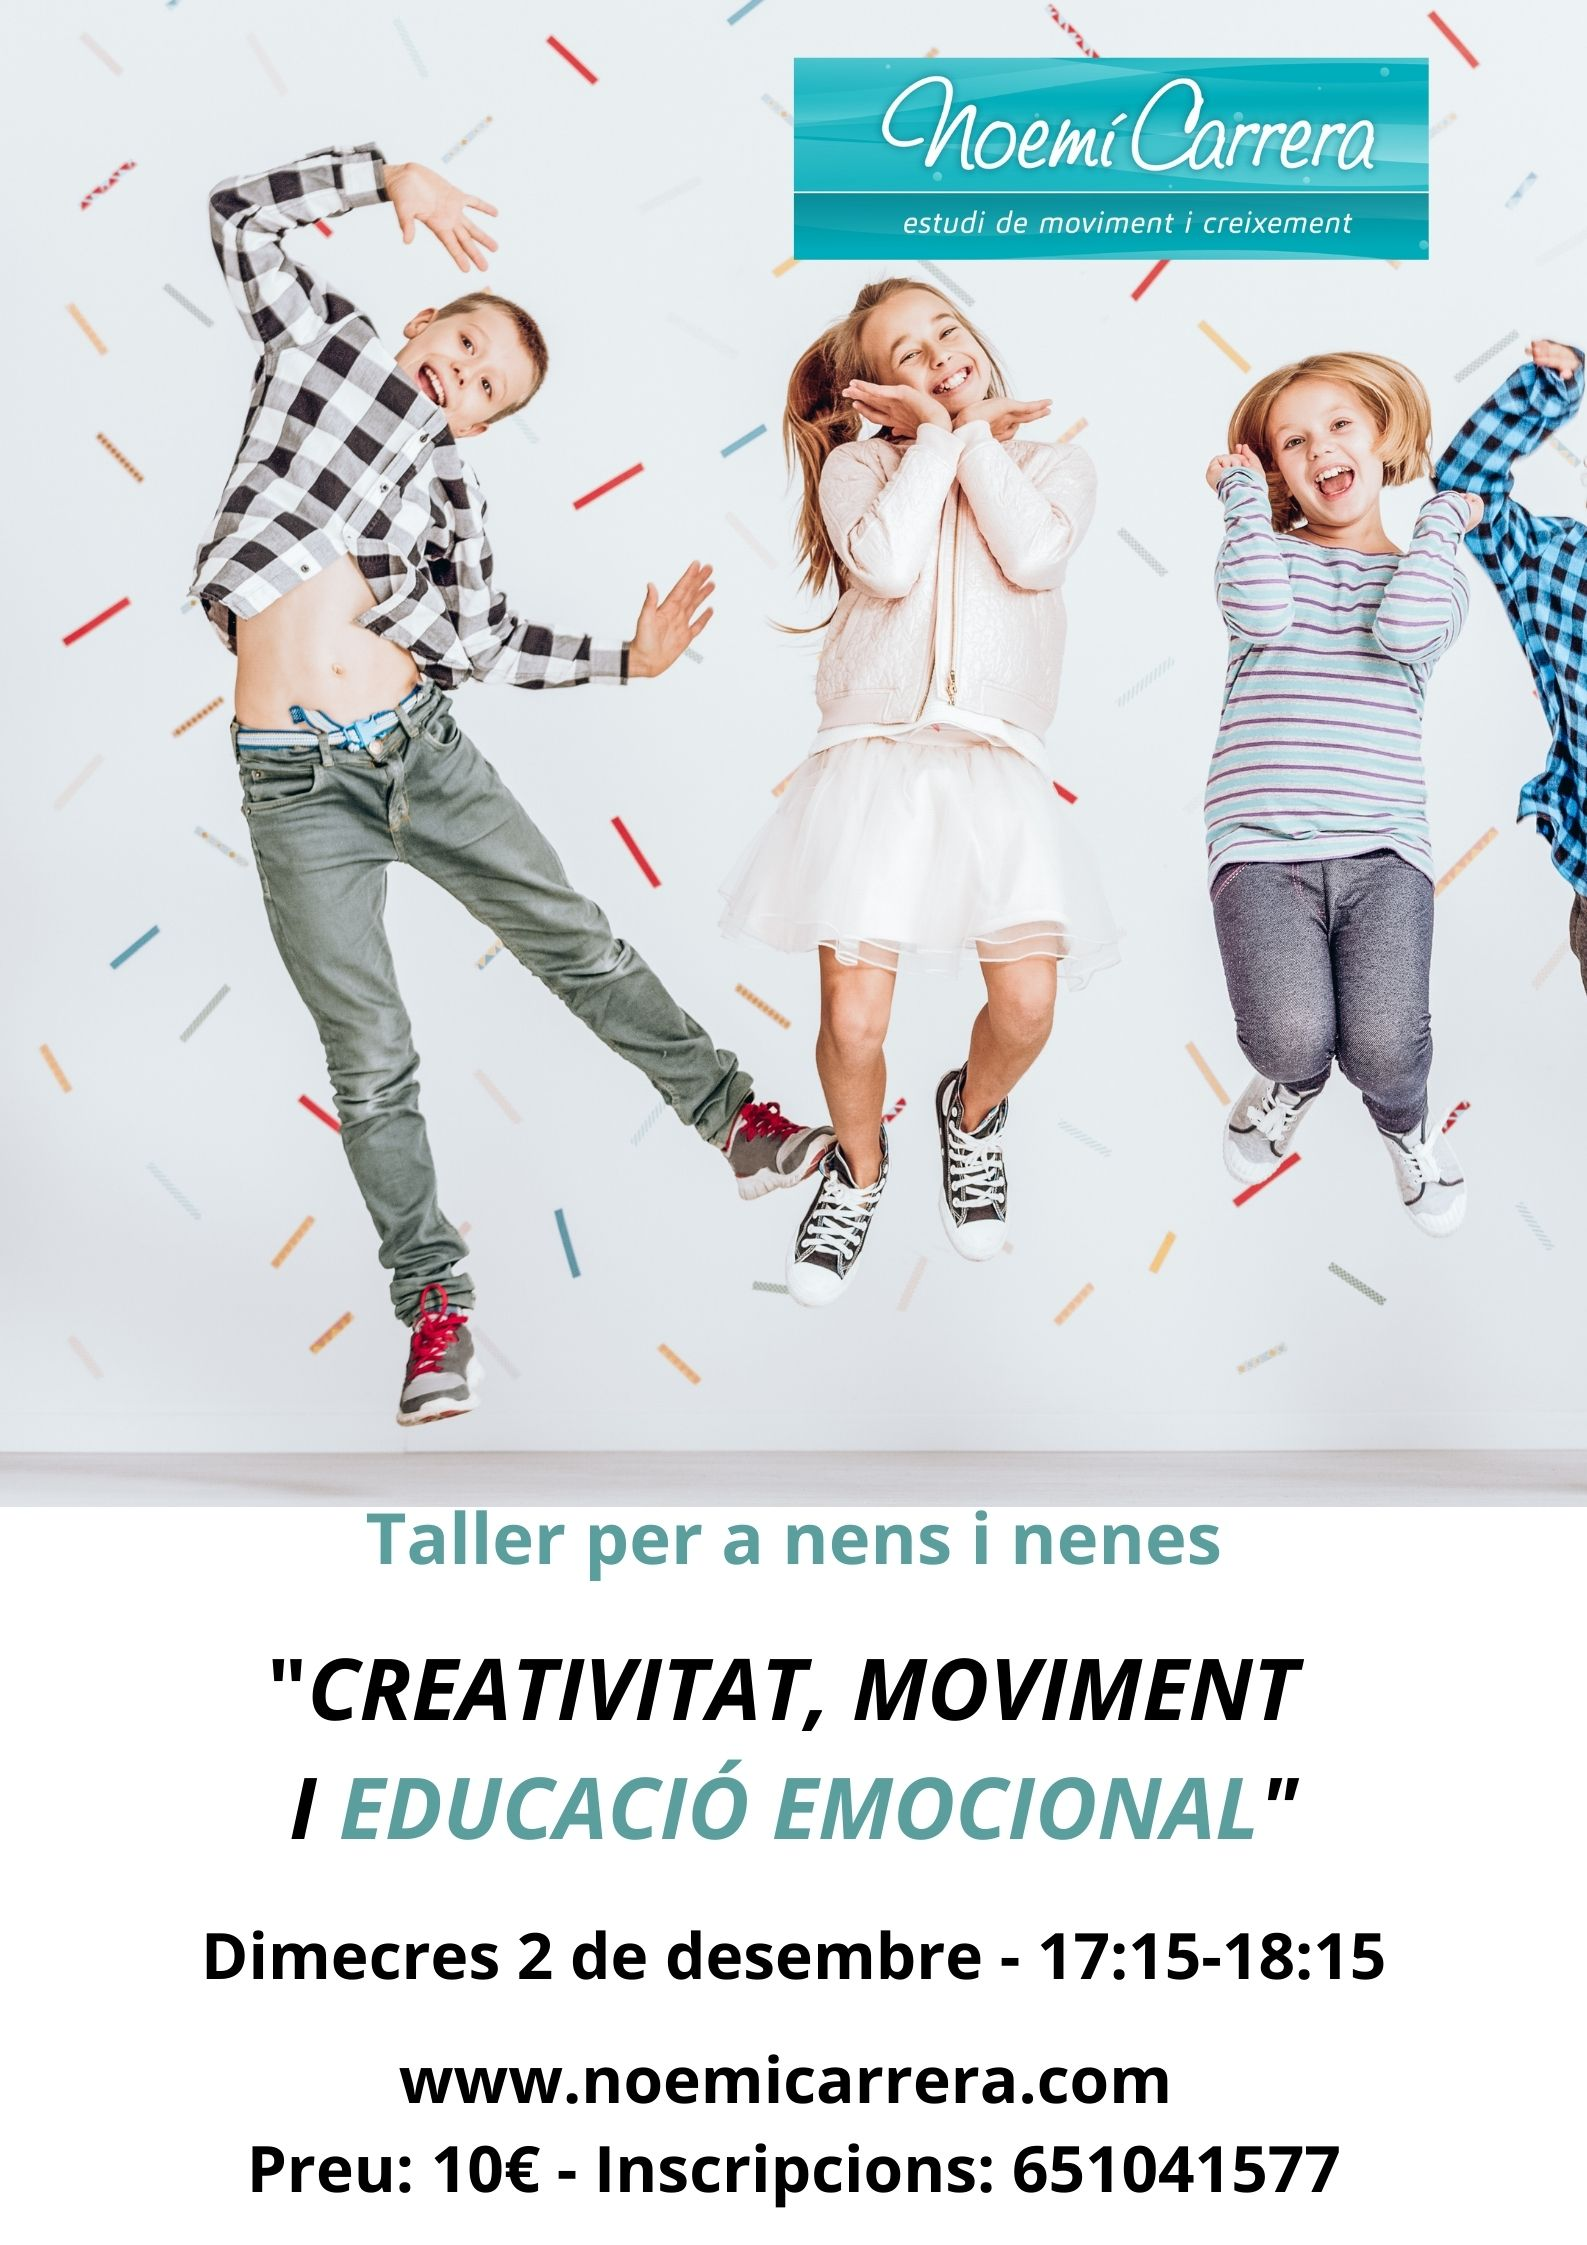 creativitat-moviment-i-educacio-emocional-noemi-carrera-2